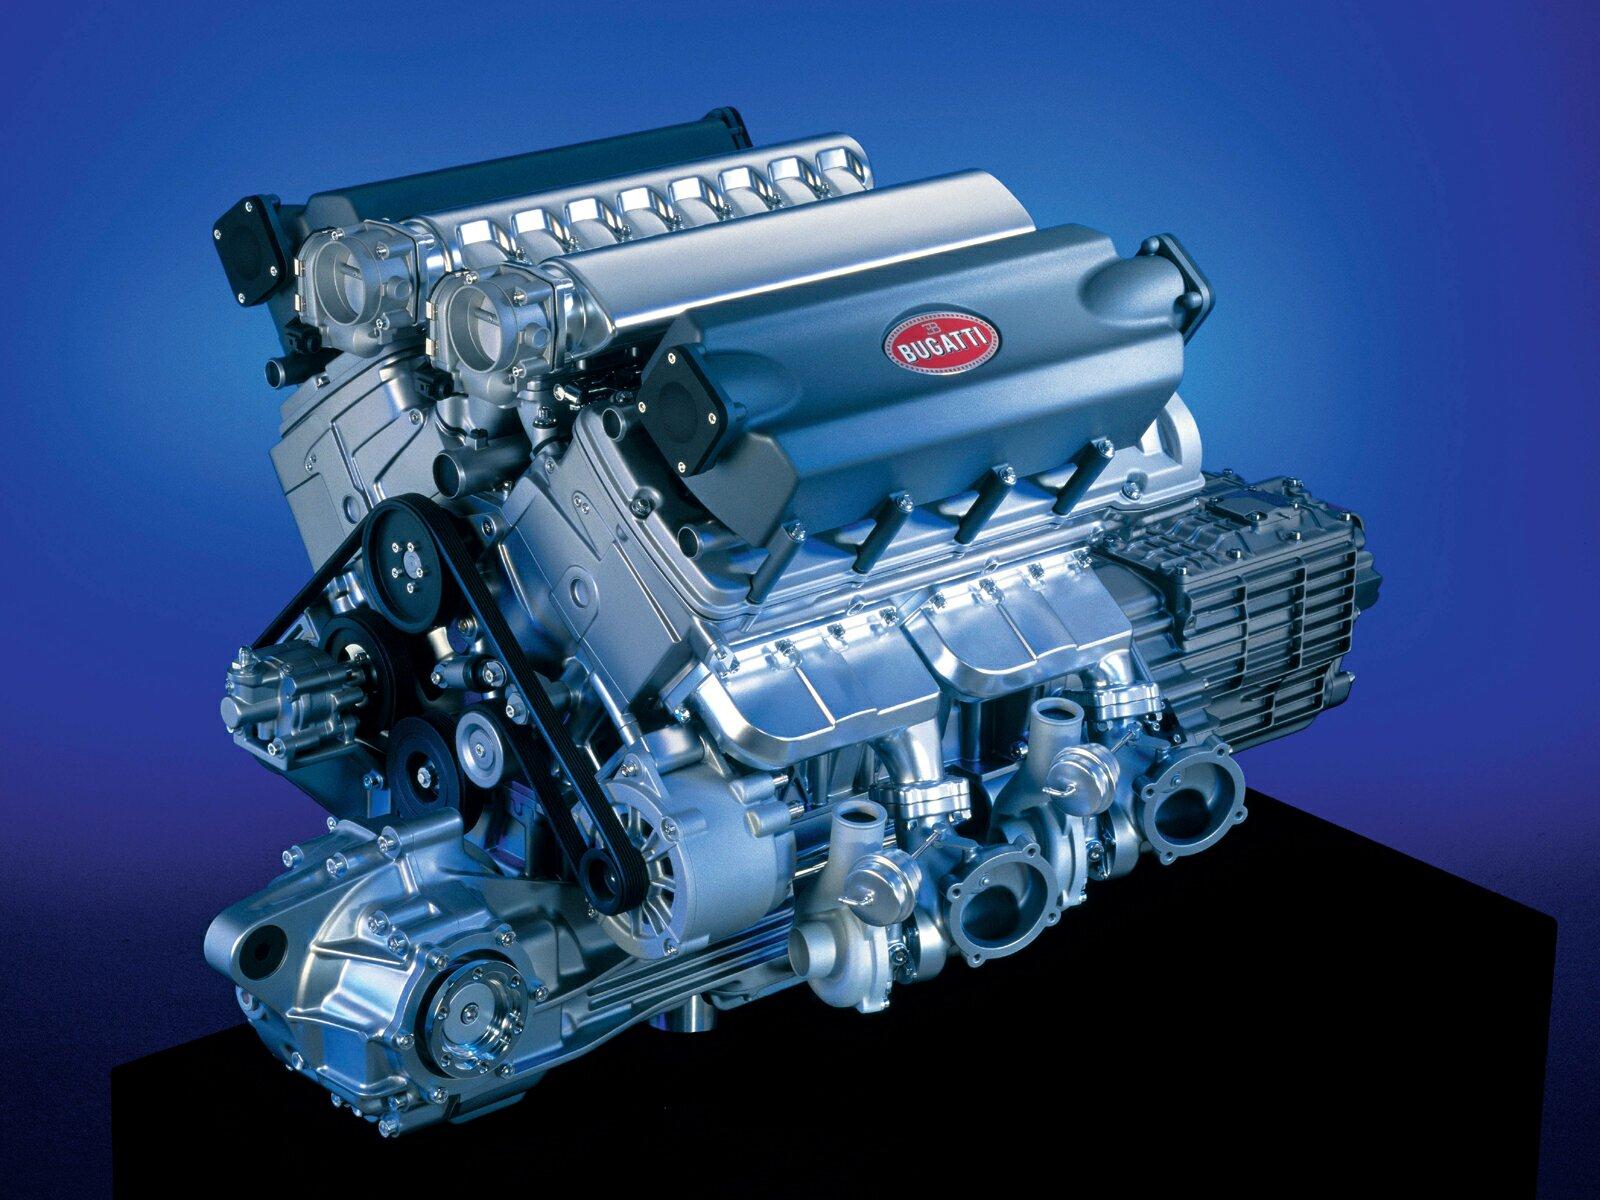 http://3.bp.blogspot.com/-LI52kuyizSw/Tdj7EVNdPGI/AAAAAAAAAvA/jSPVwJJxQ2s/s1600/bugatti-engine+wallpaper.jpg